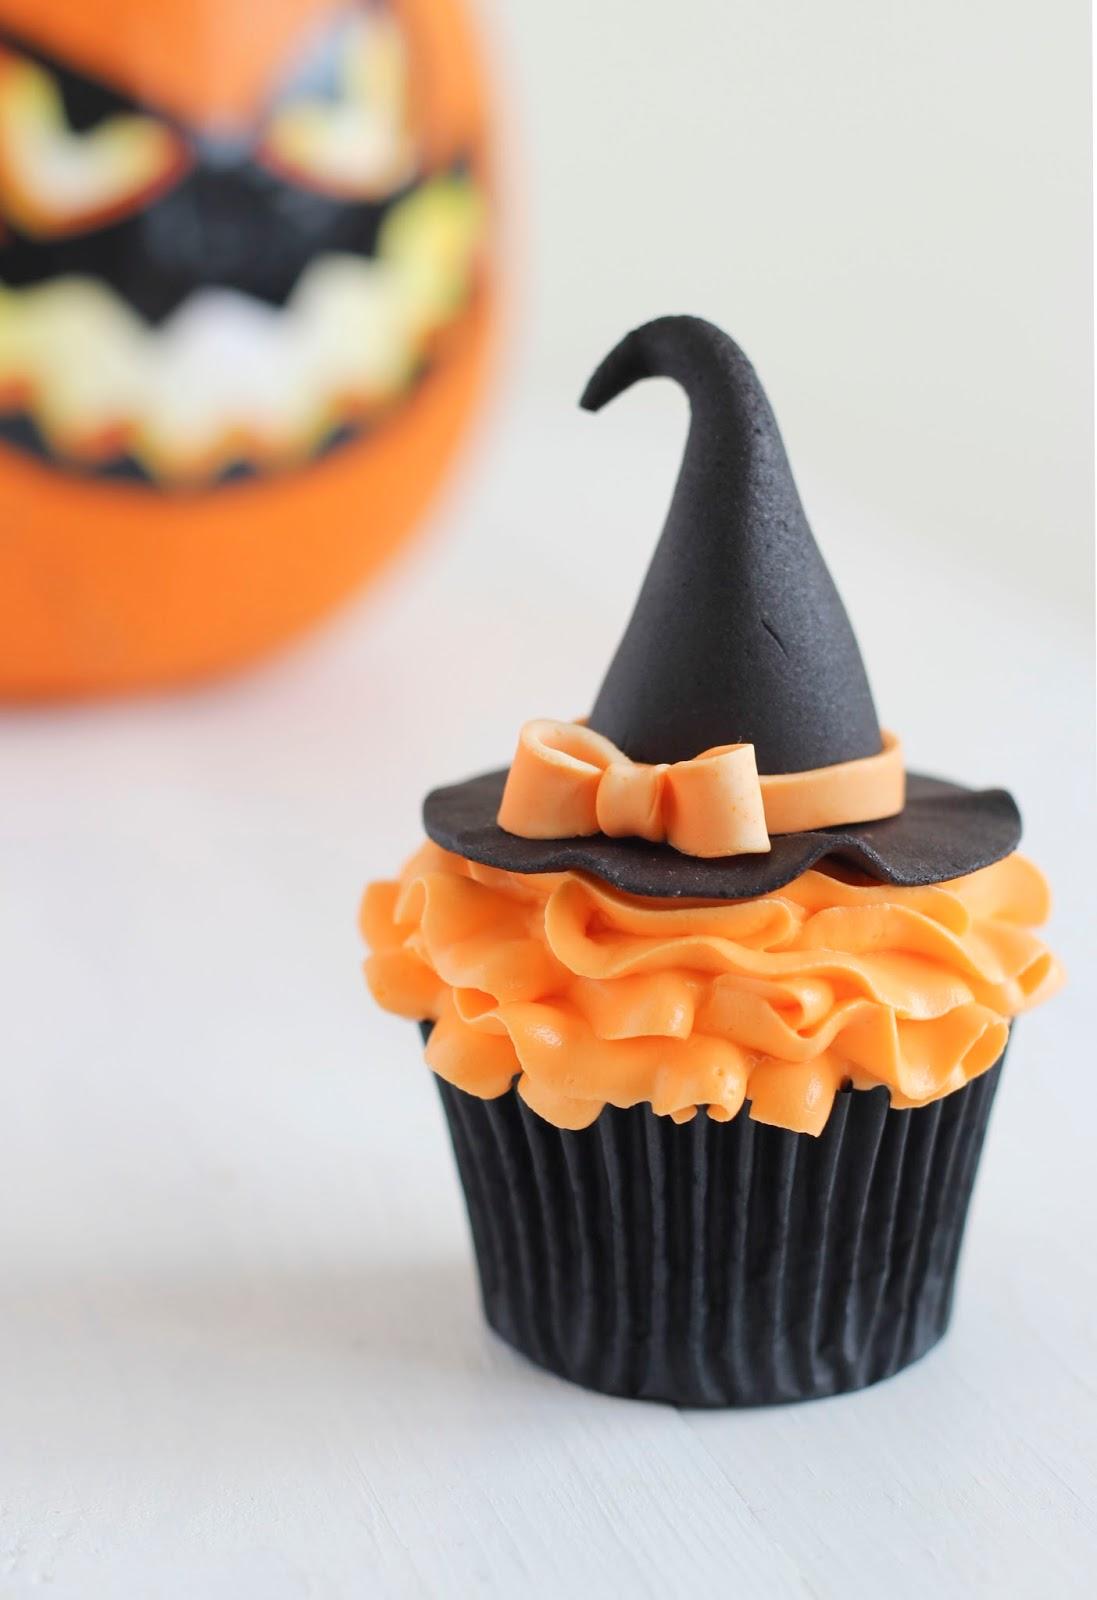 La guinda del pastel cupcakes de calabaza y especias - Halloween decorations for cupcakes ...